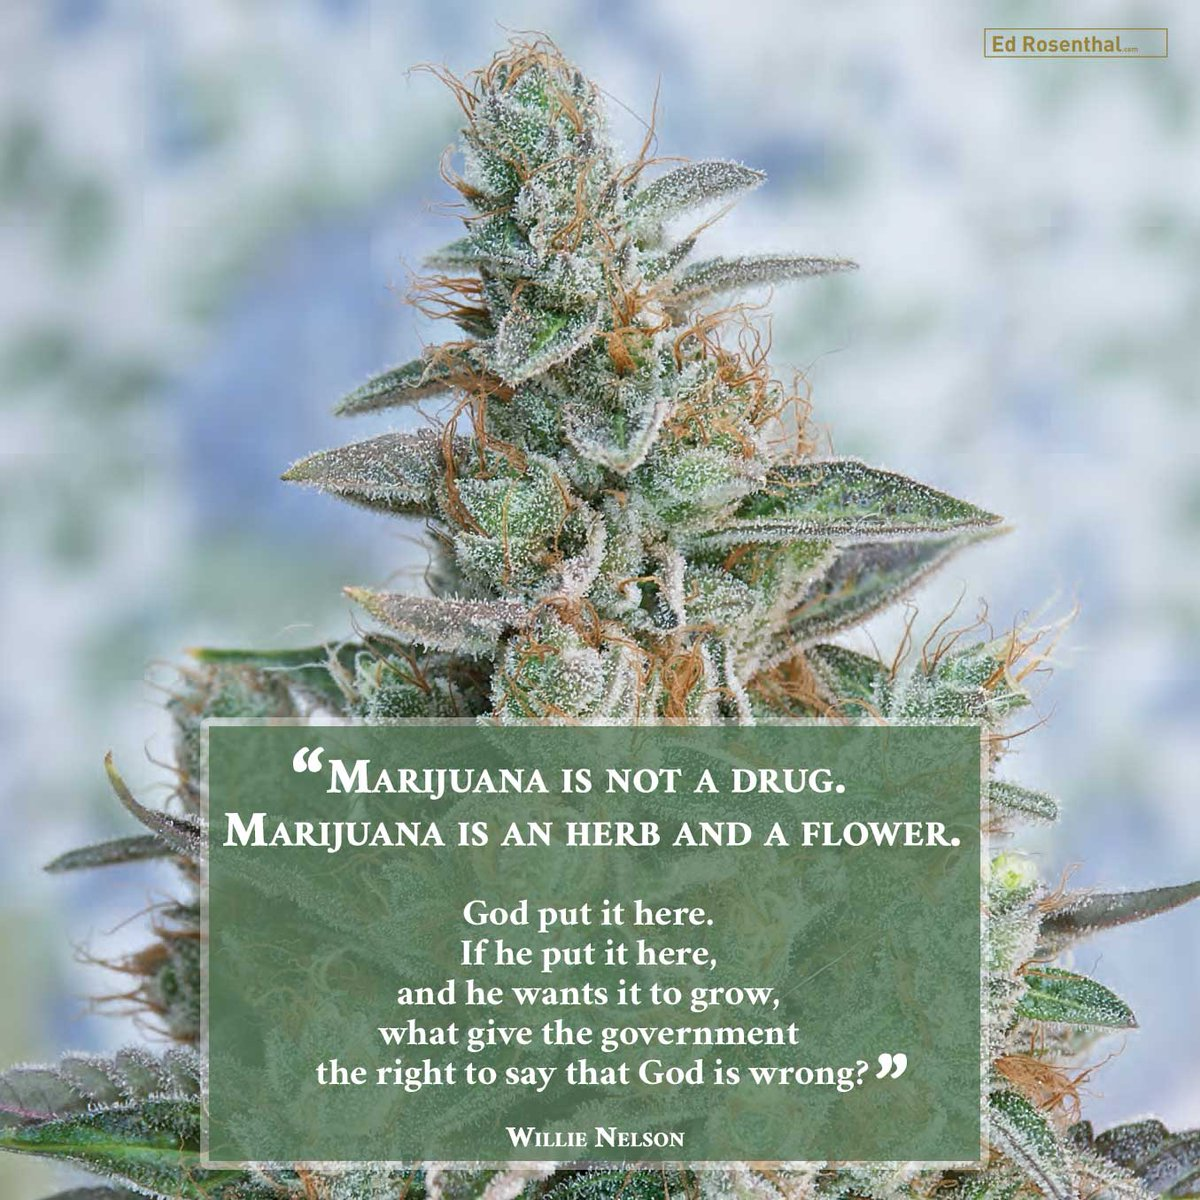 Happy 85th birthday @WillieNelson  #Legend #LegalizationActivist #SocialWarrior #ganja #cannabis #marijuana #RollMeUpAndSmokeMeWhenIDie